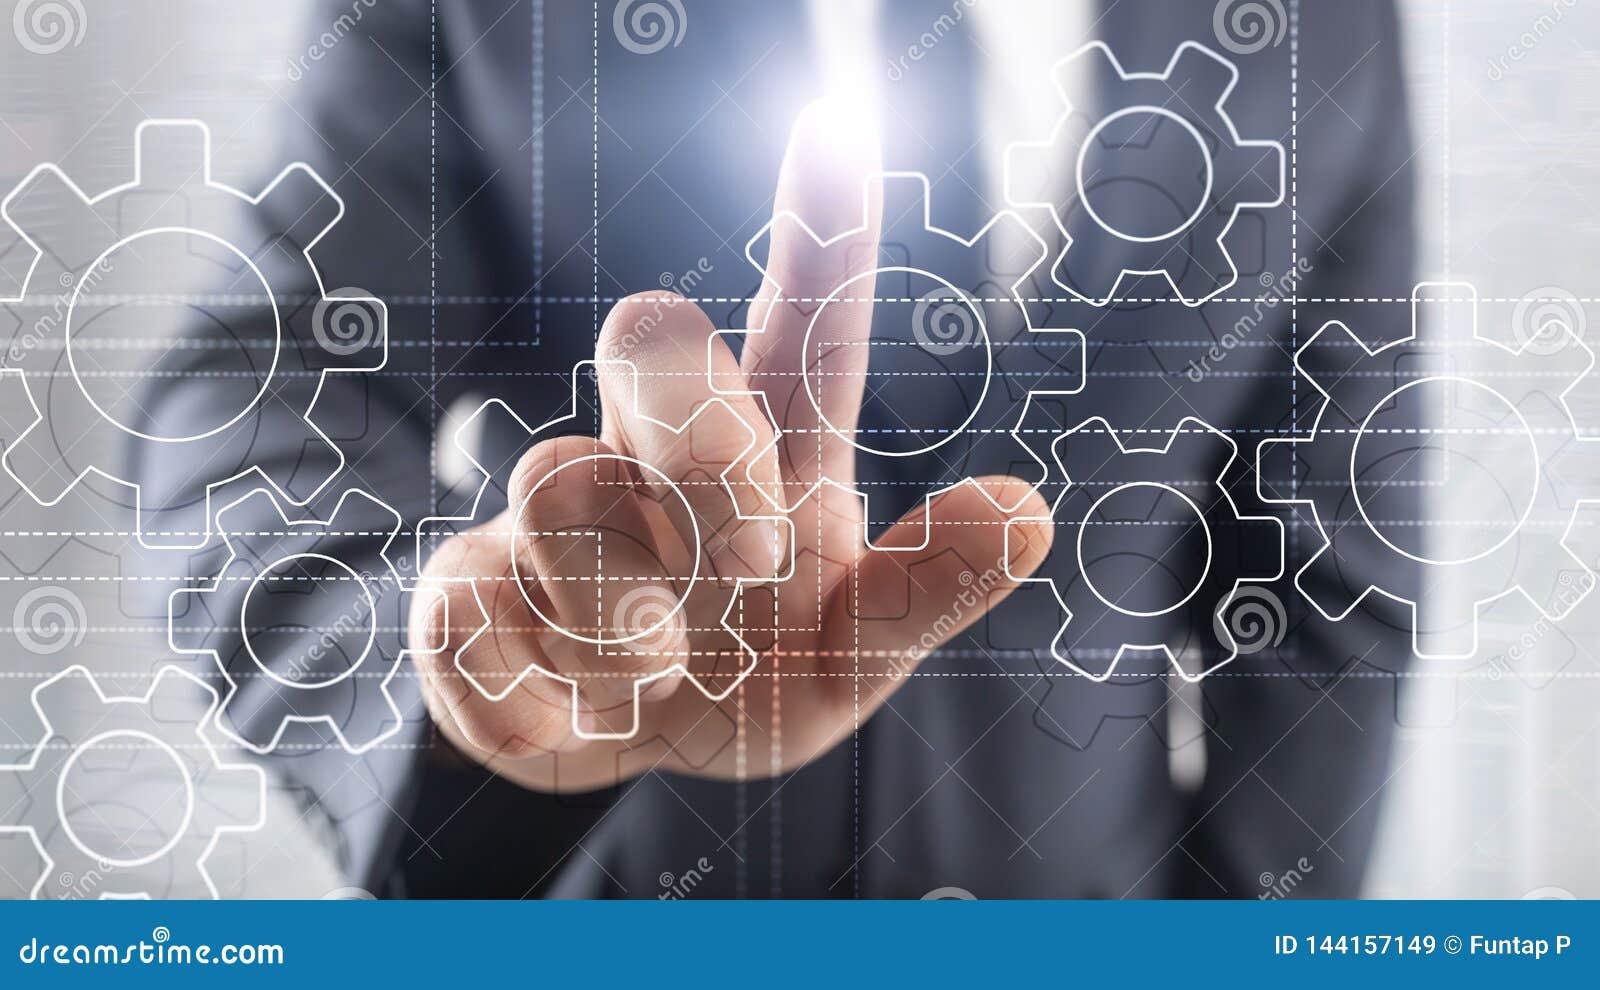 Toestellenmechanisme, digitale transformatie, gegevensintegratie en digitaal technologieconcept